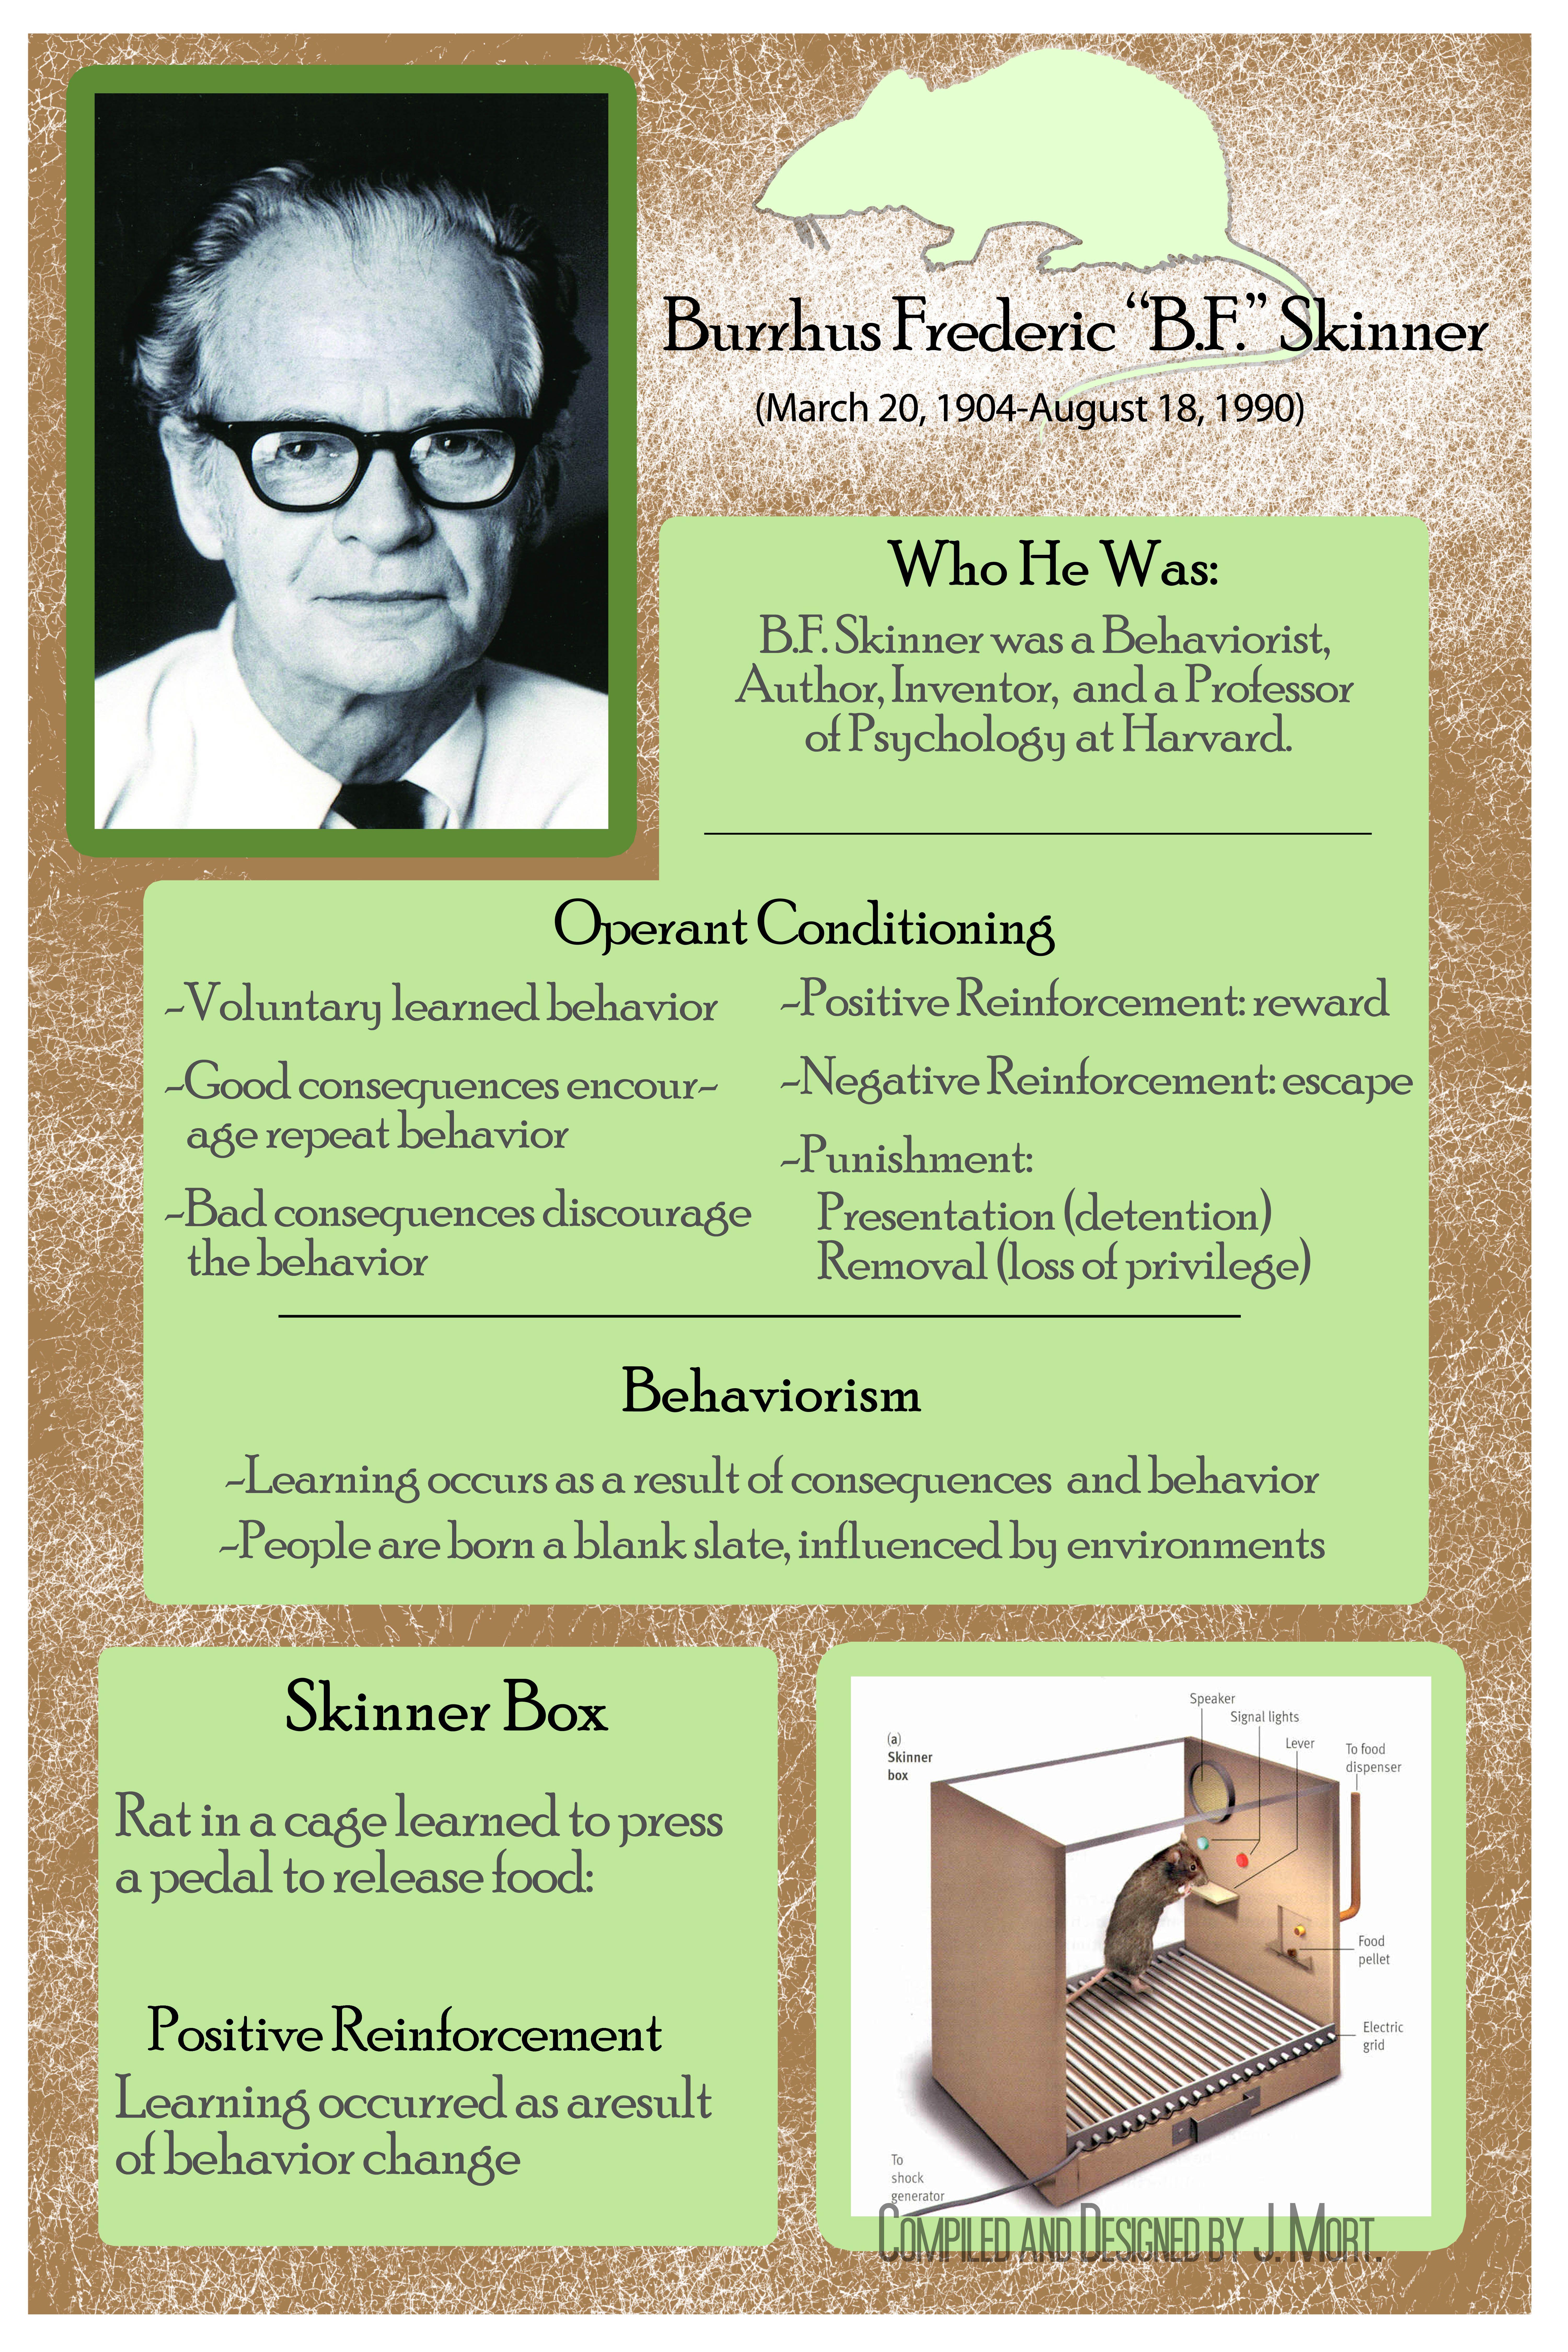 Burrhus Frederic B F Skinner Poster For Psychology